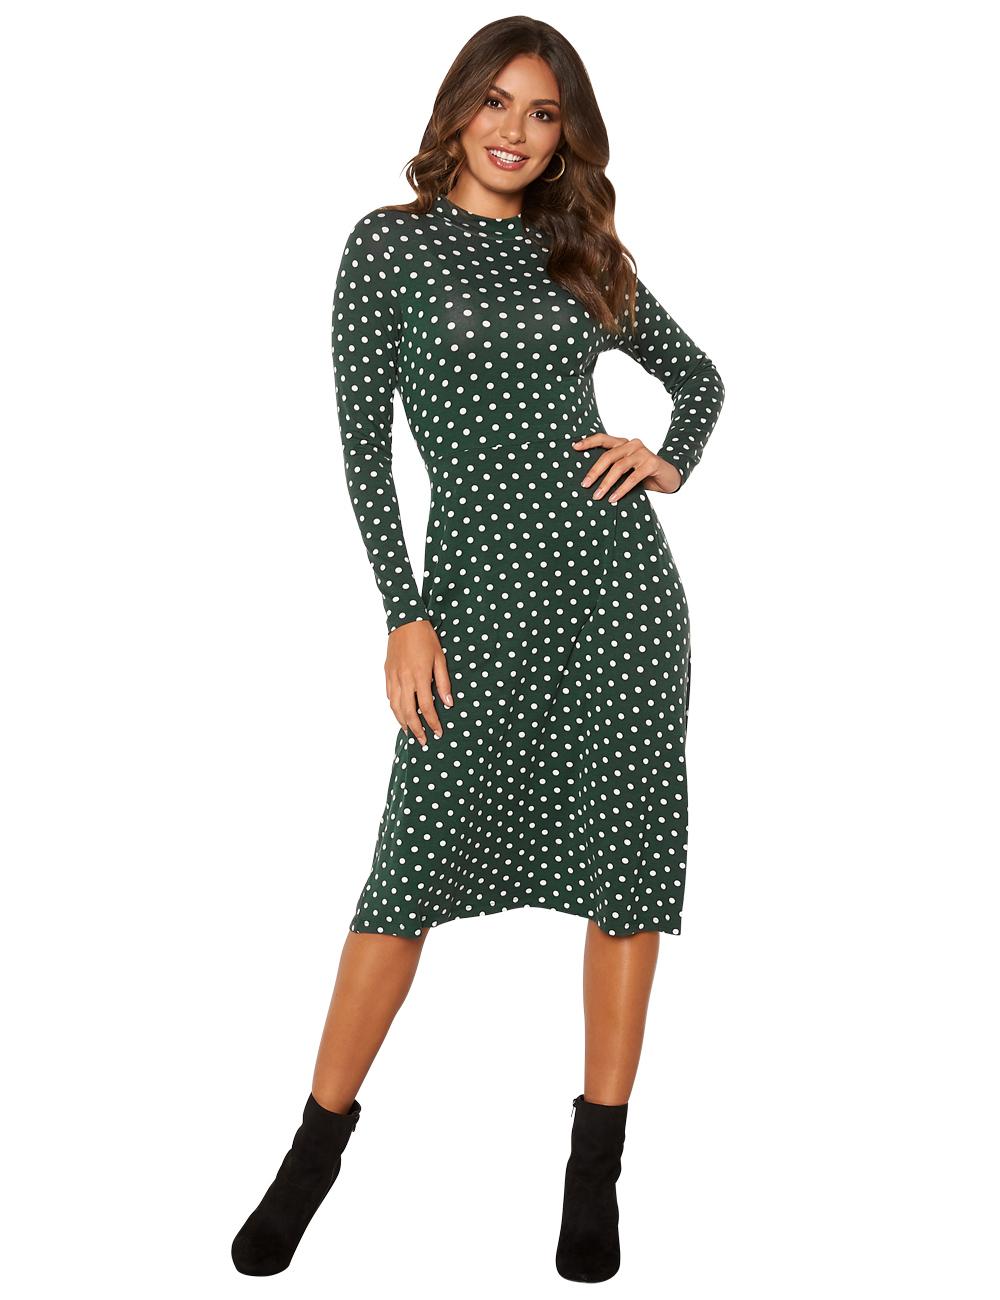 Kleid Happy Holly mit Punkten, dunkelgrün